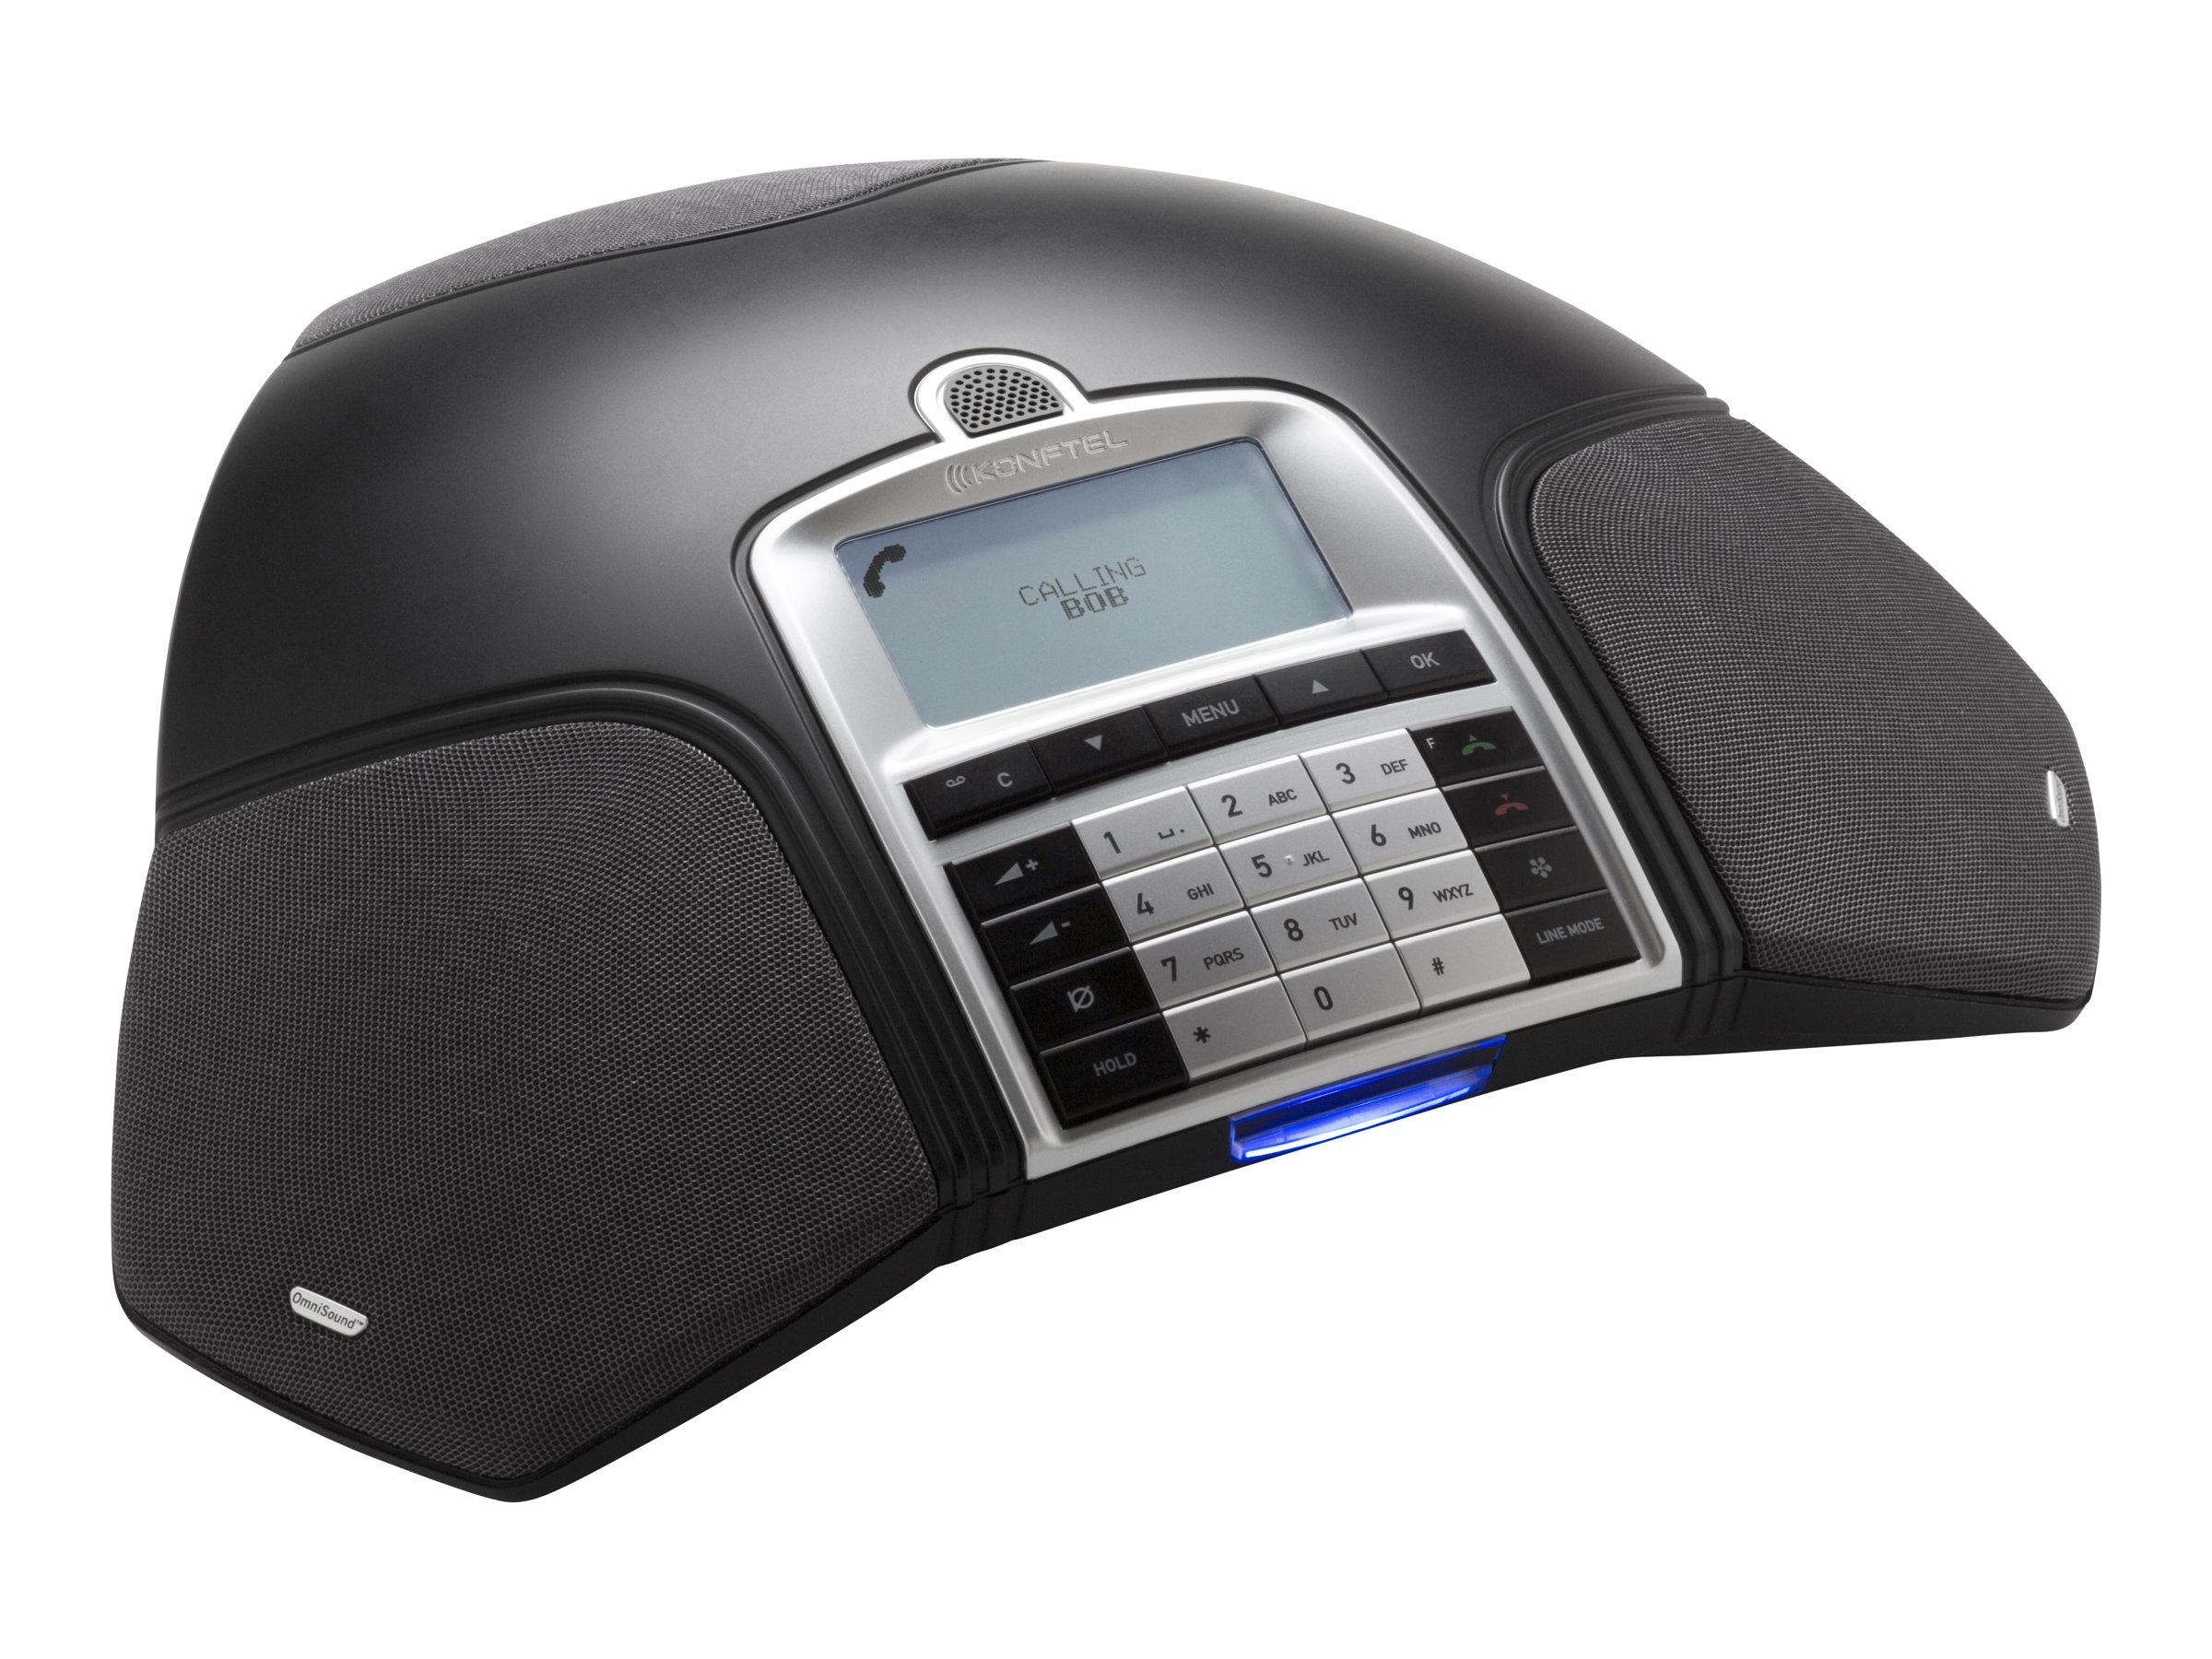 Konftel 300 - Konferenztelefon - Charcoal Black